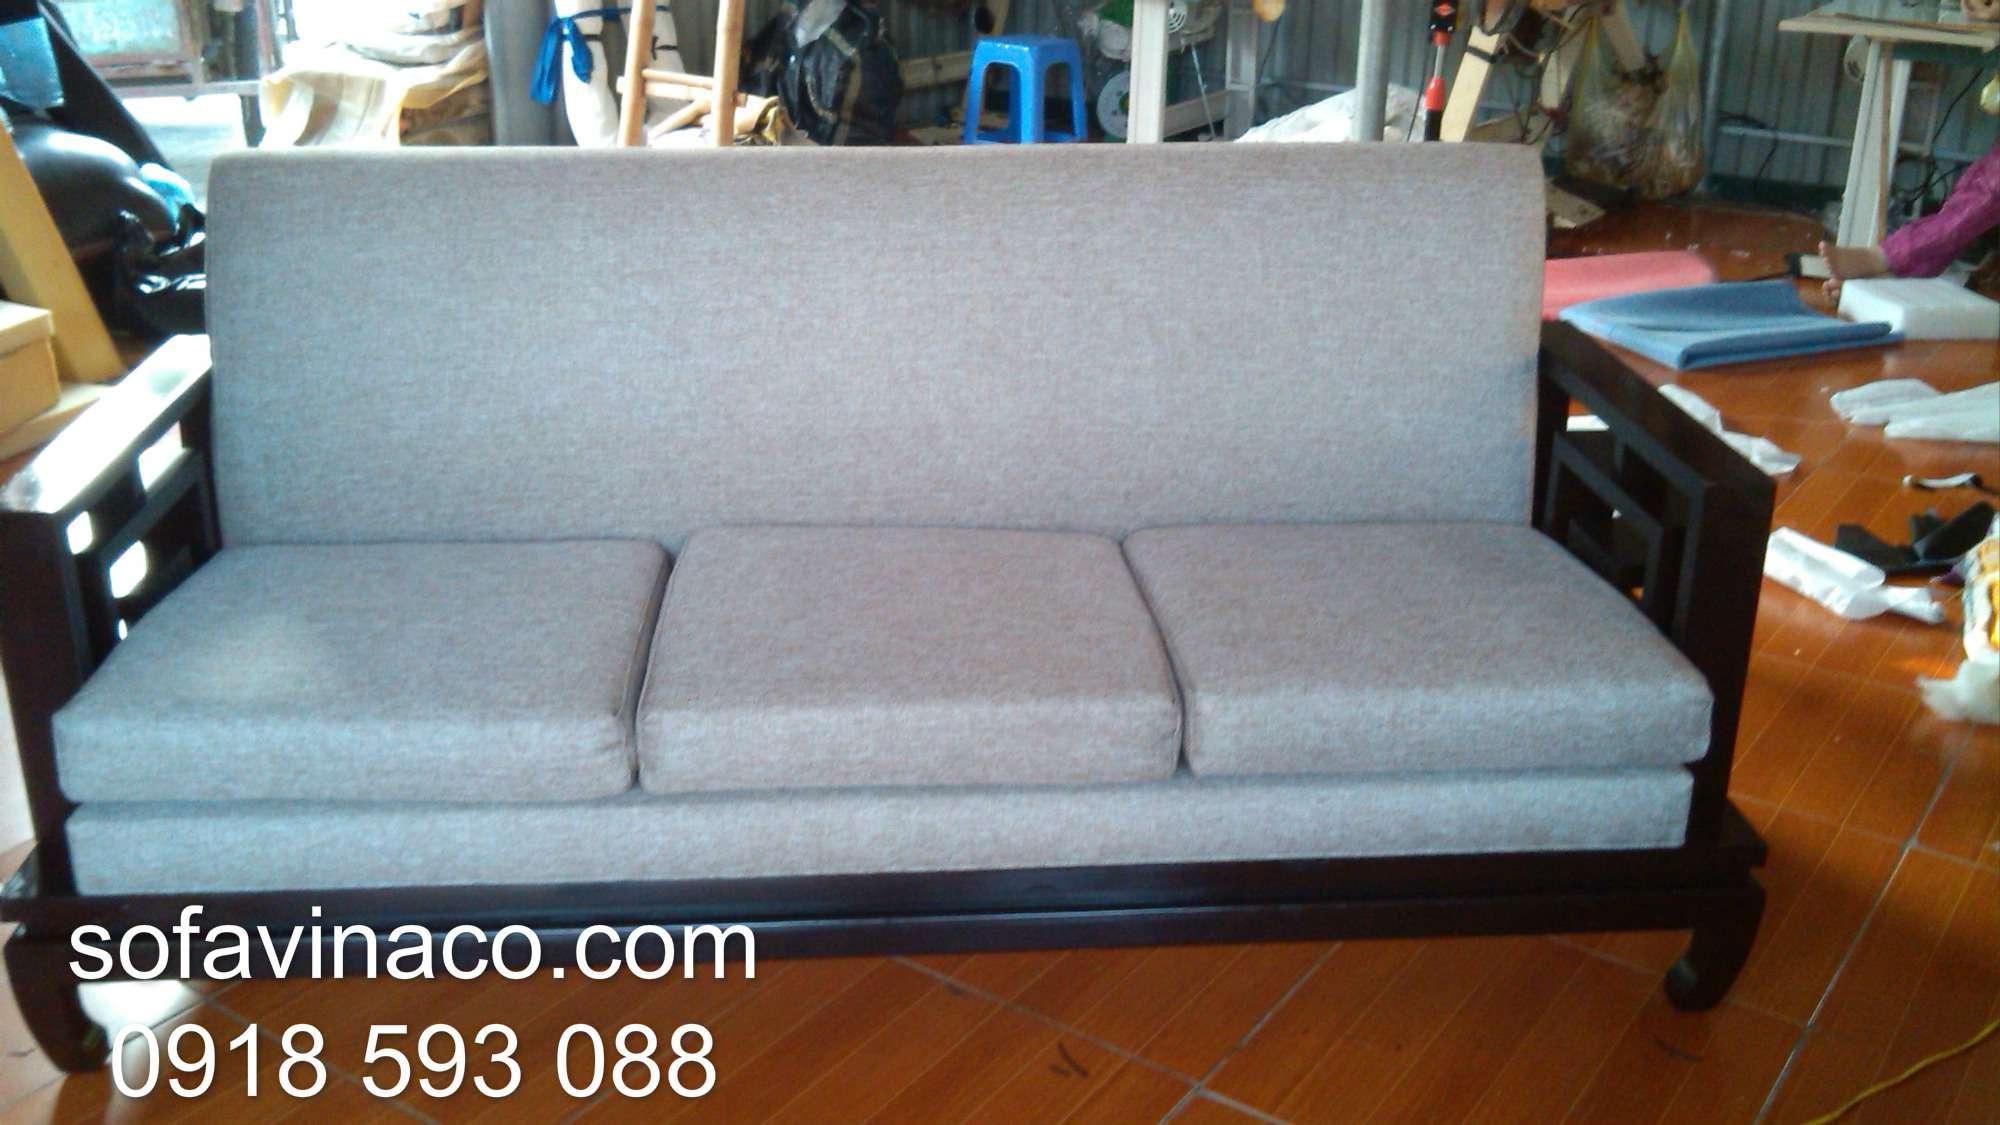 Bọc ghế sofa nhà Cô Dung-Chung Cư Ngoại Giao-Đoàn Xuân Đỉnh, Hà Nội